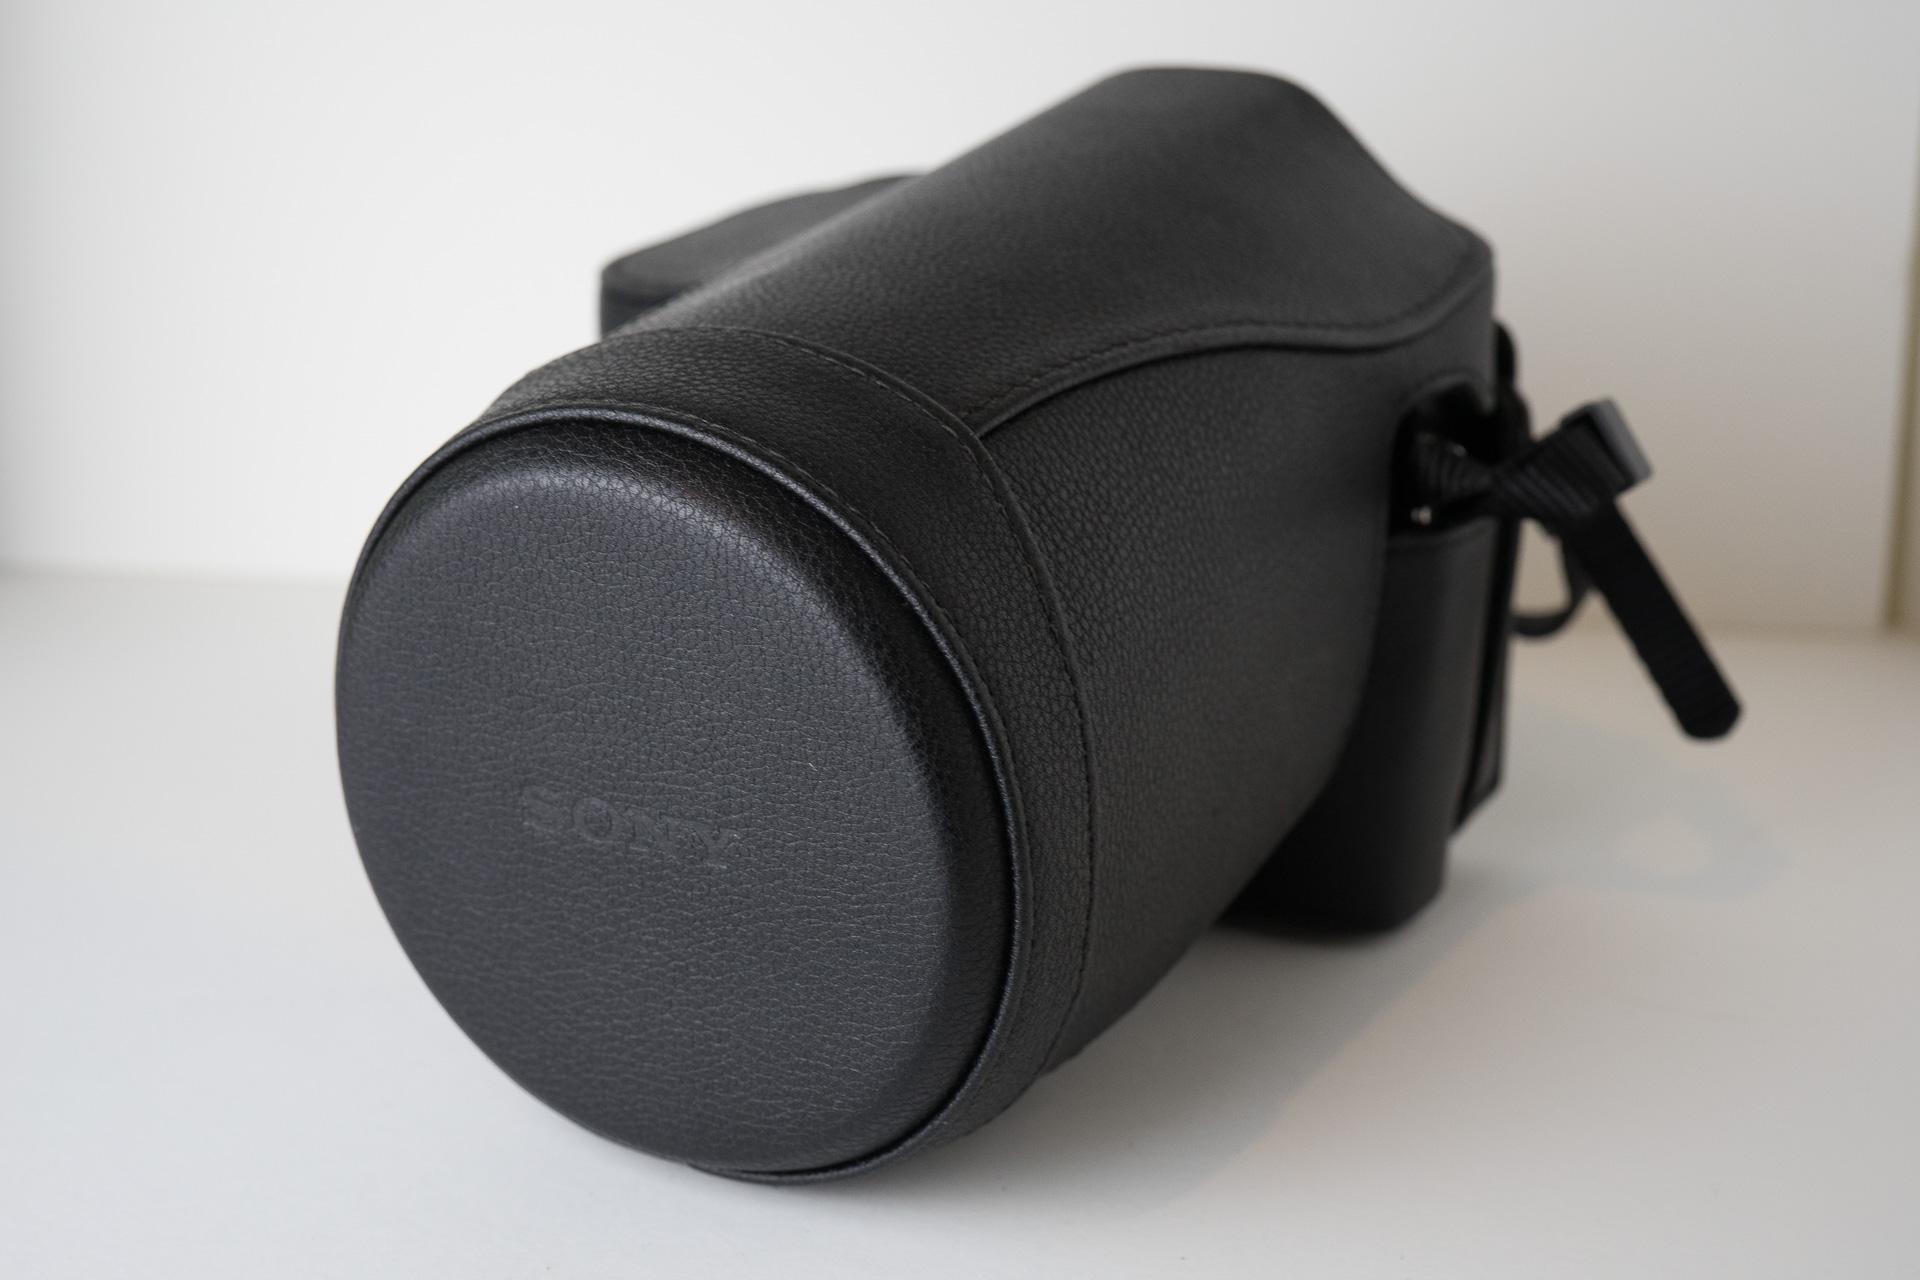 Vario‑Tessar T* FE 24-70mm F4 ZA OSS 純正ケース